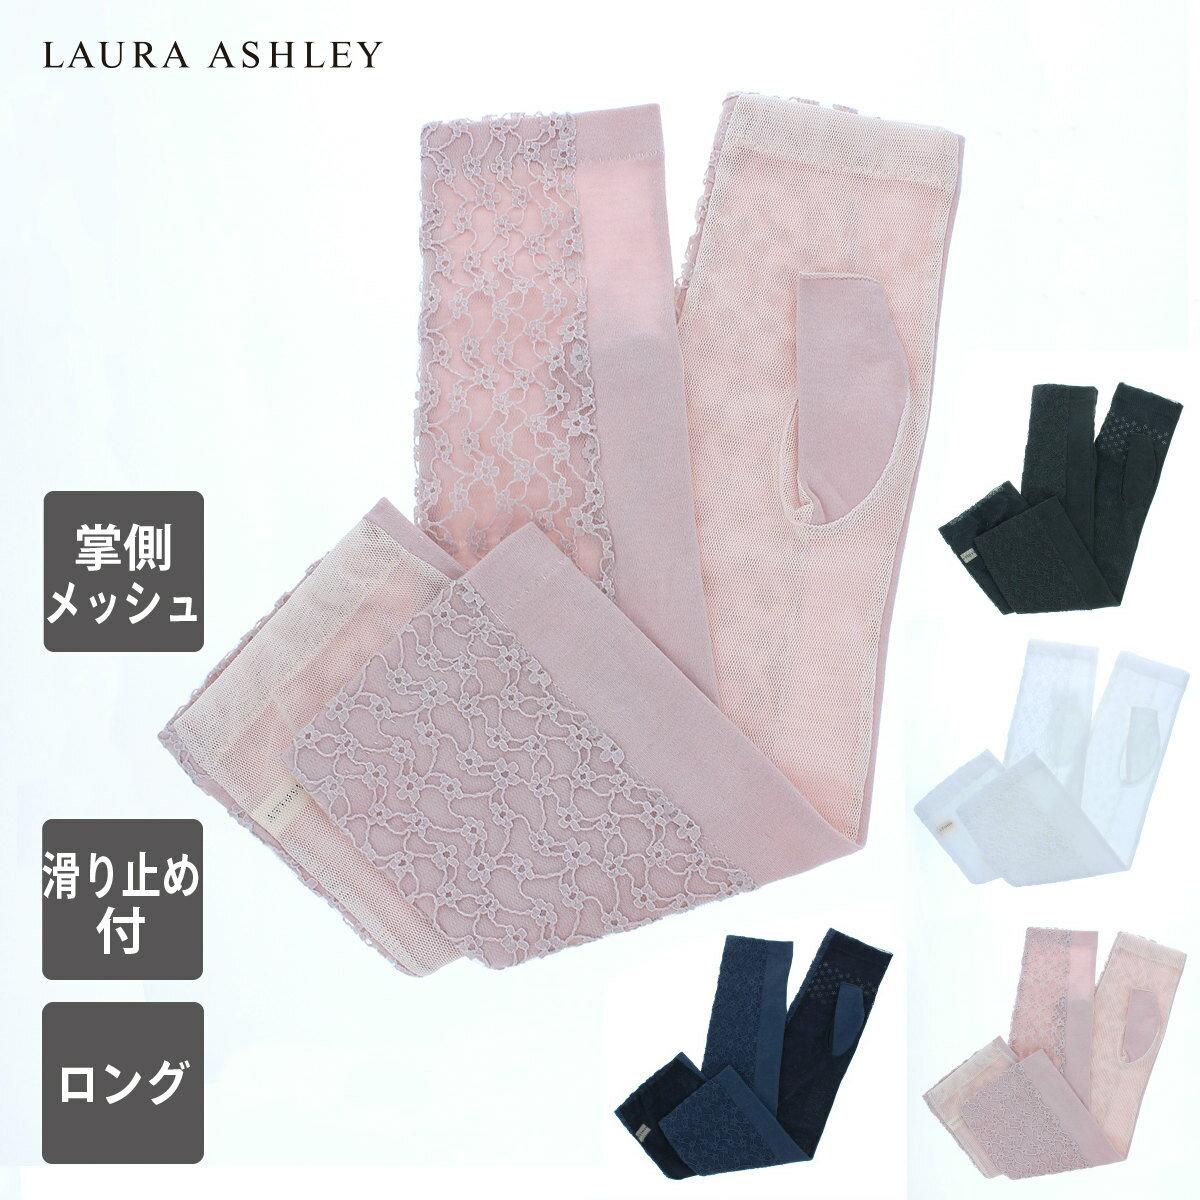 ローラ アシュレイ 指なし UVカット UV手袋   てぶくろ ギフト プレゼント 35cm ロング丈 アームカバー 綿レースがかわいい おしゃれ 通勤 通学